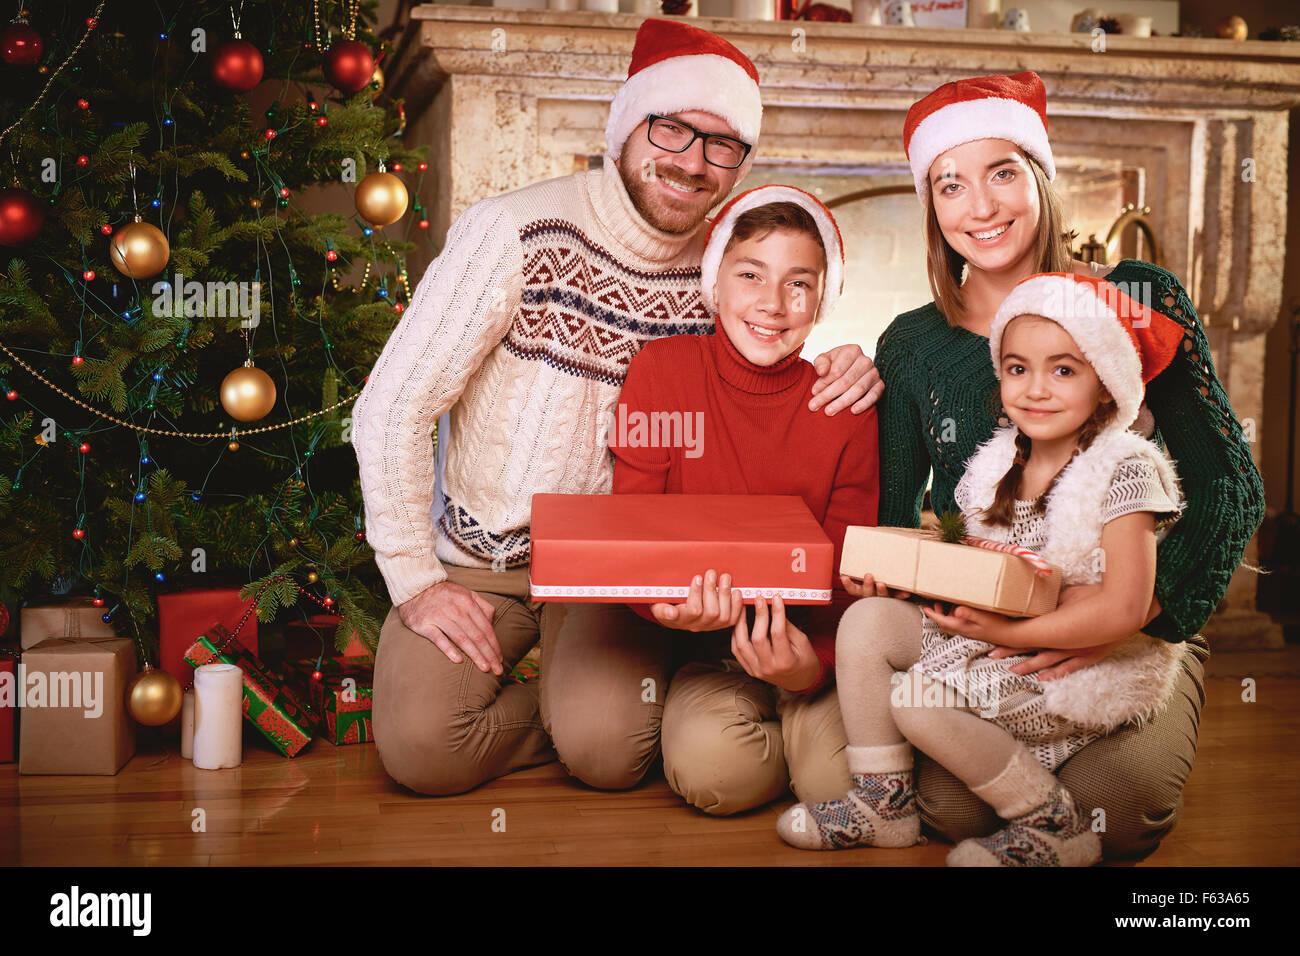 Familia Feliz en Santa caps mirando a la cámara por el árbol de Navidad Imagen De Stock